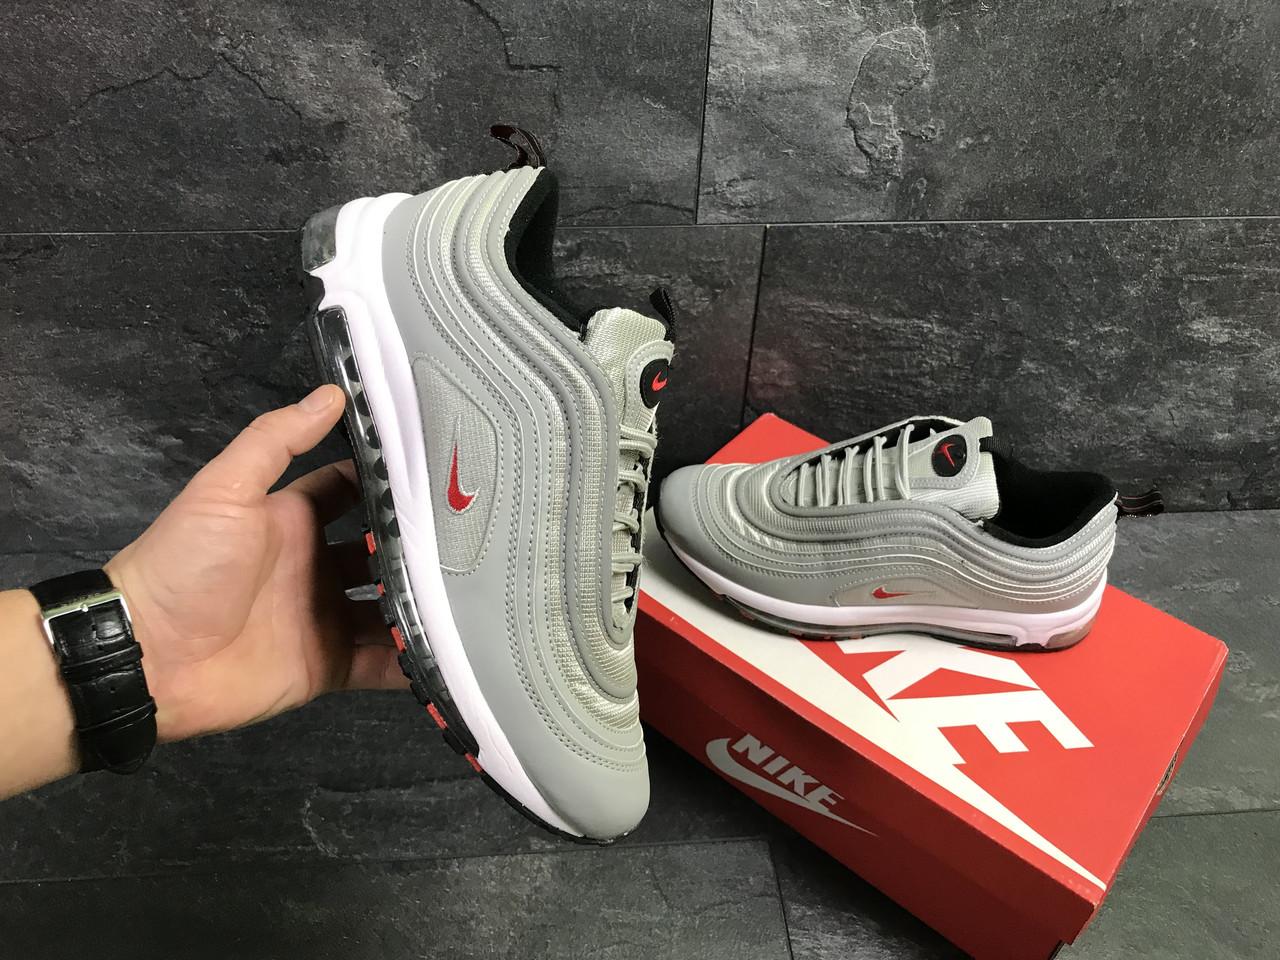 e2d84b787e8274 Чоловічі кросівки Nike Air Max 97, сірі, цена 1 050 грн., купить в ...